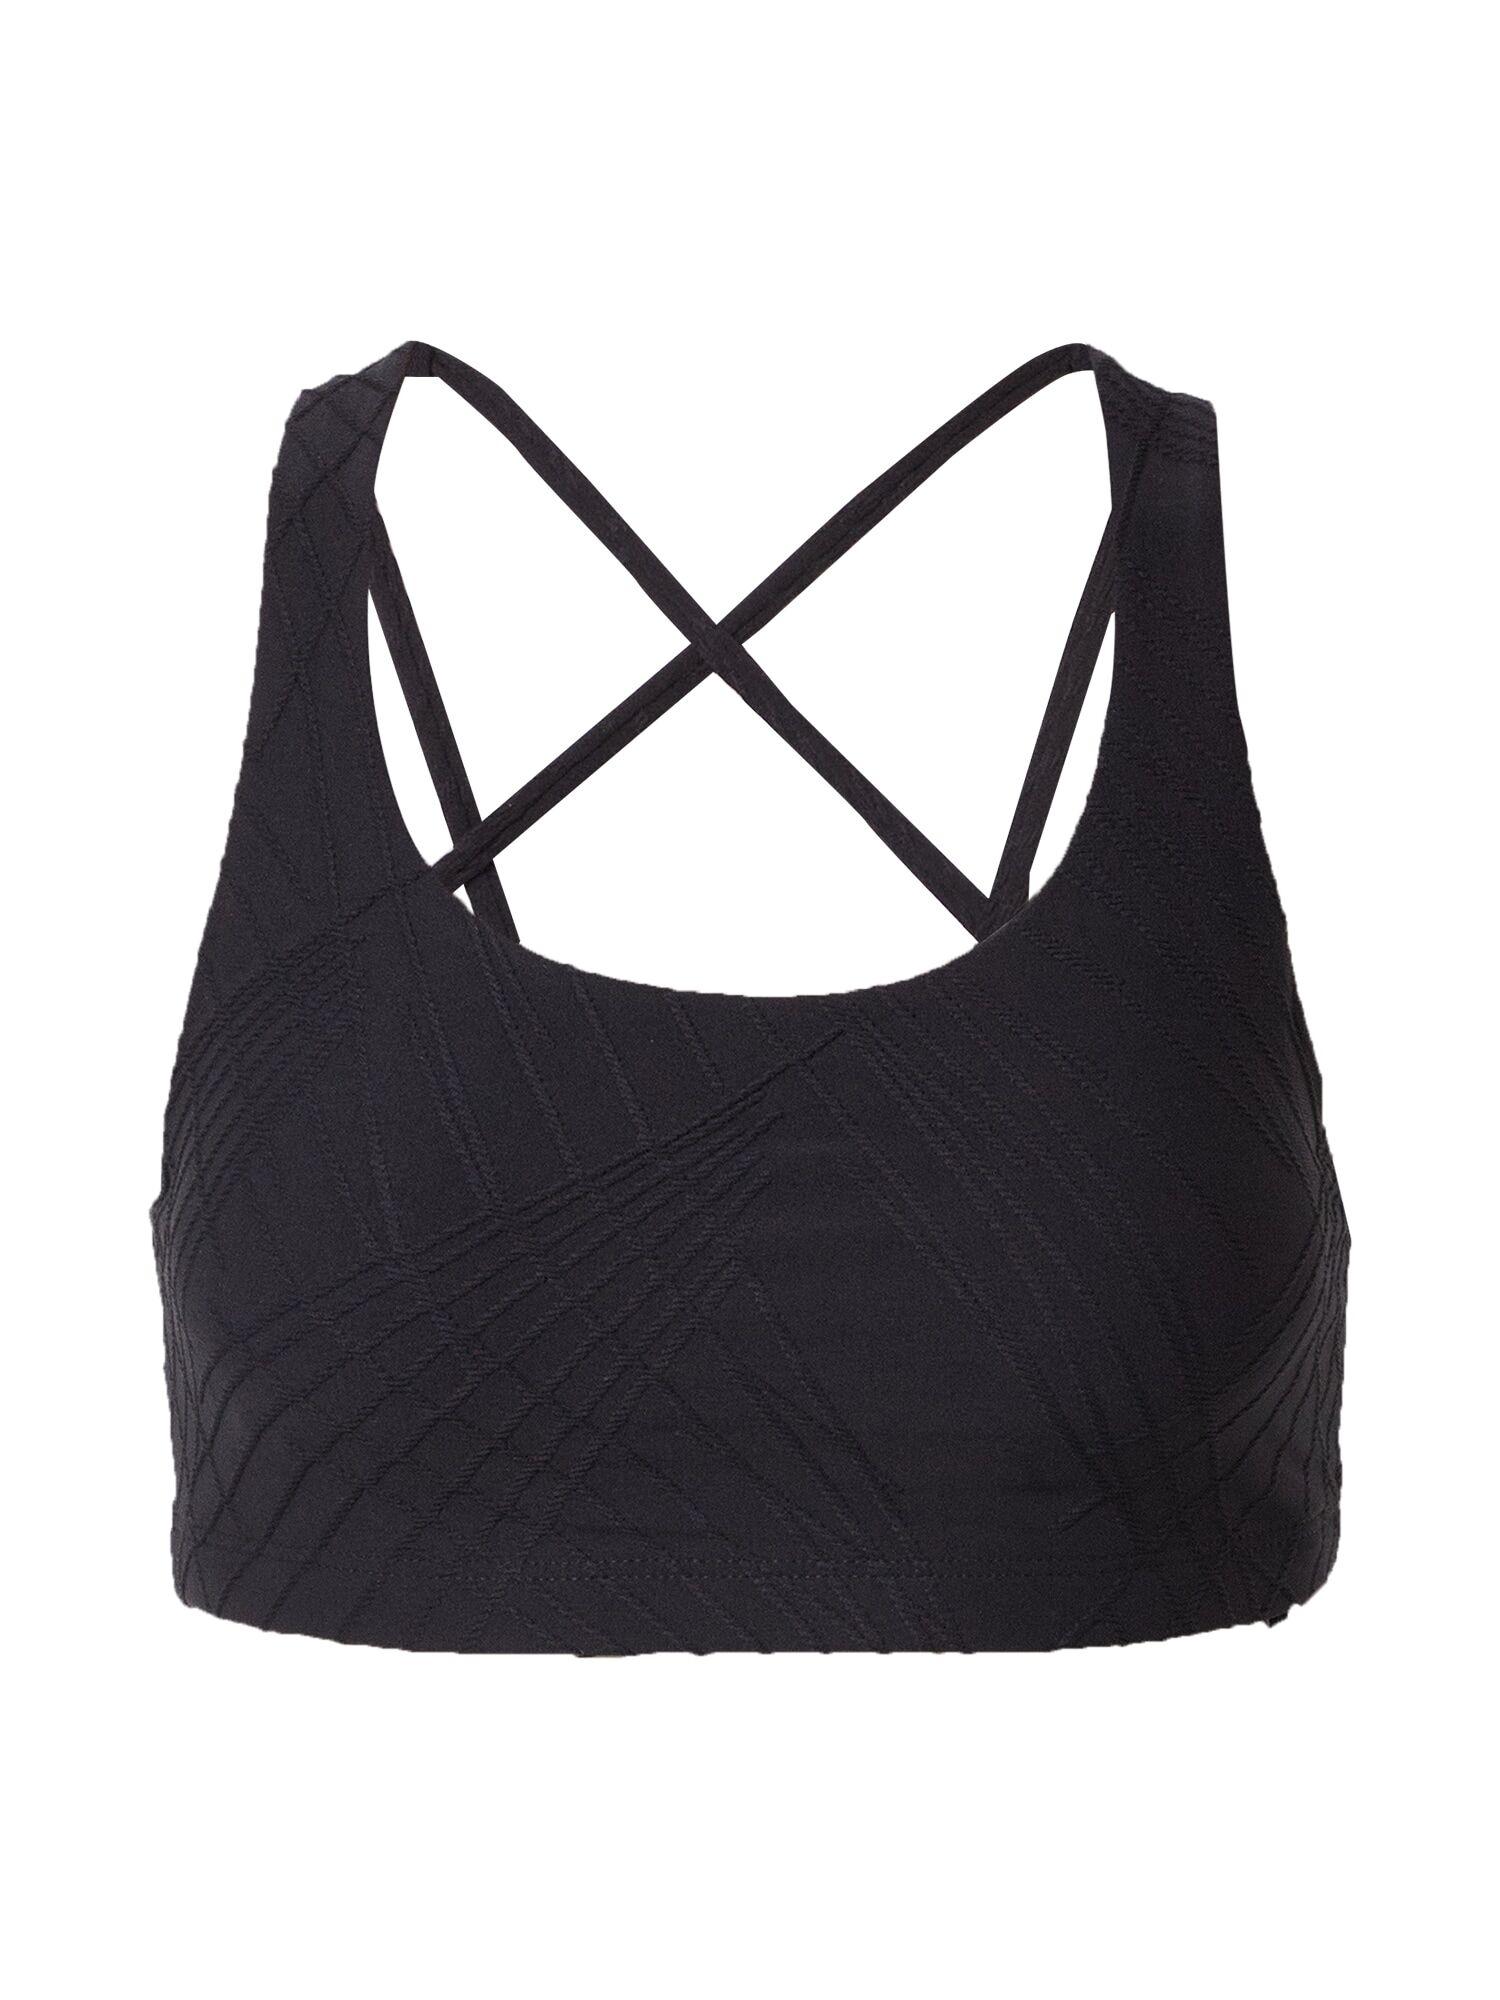 Onzie Soutien-gorge de sport 'Selenite mudra'  - Noir - Taille: M - female